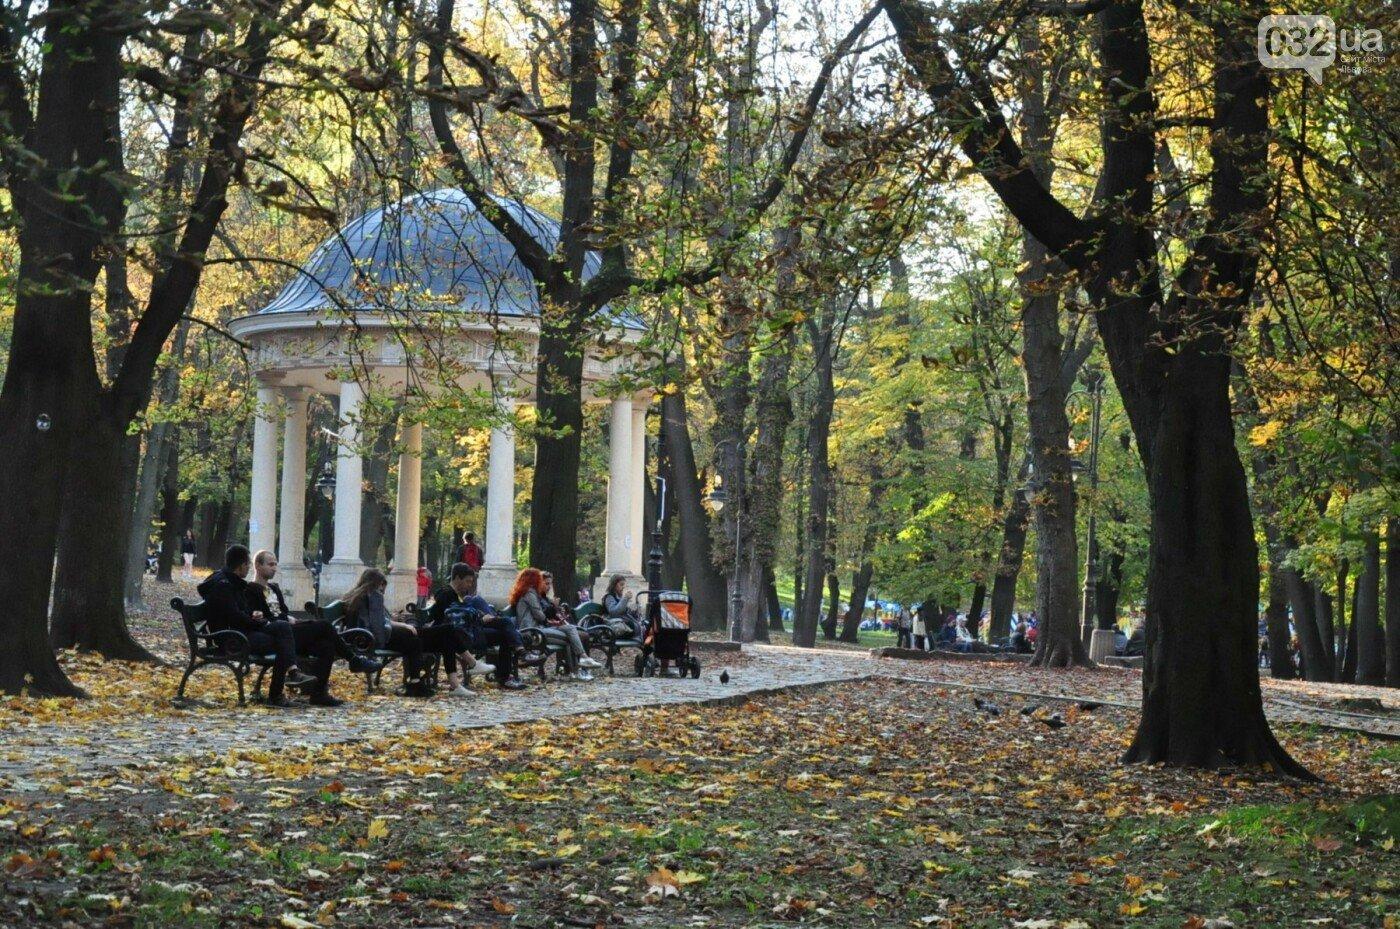 Парк ім. І. Франка у Львові, Фото 032.ua